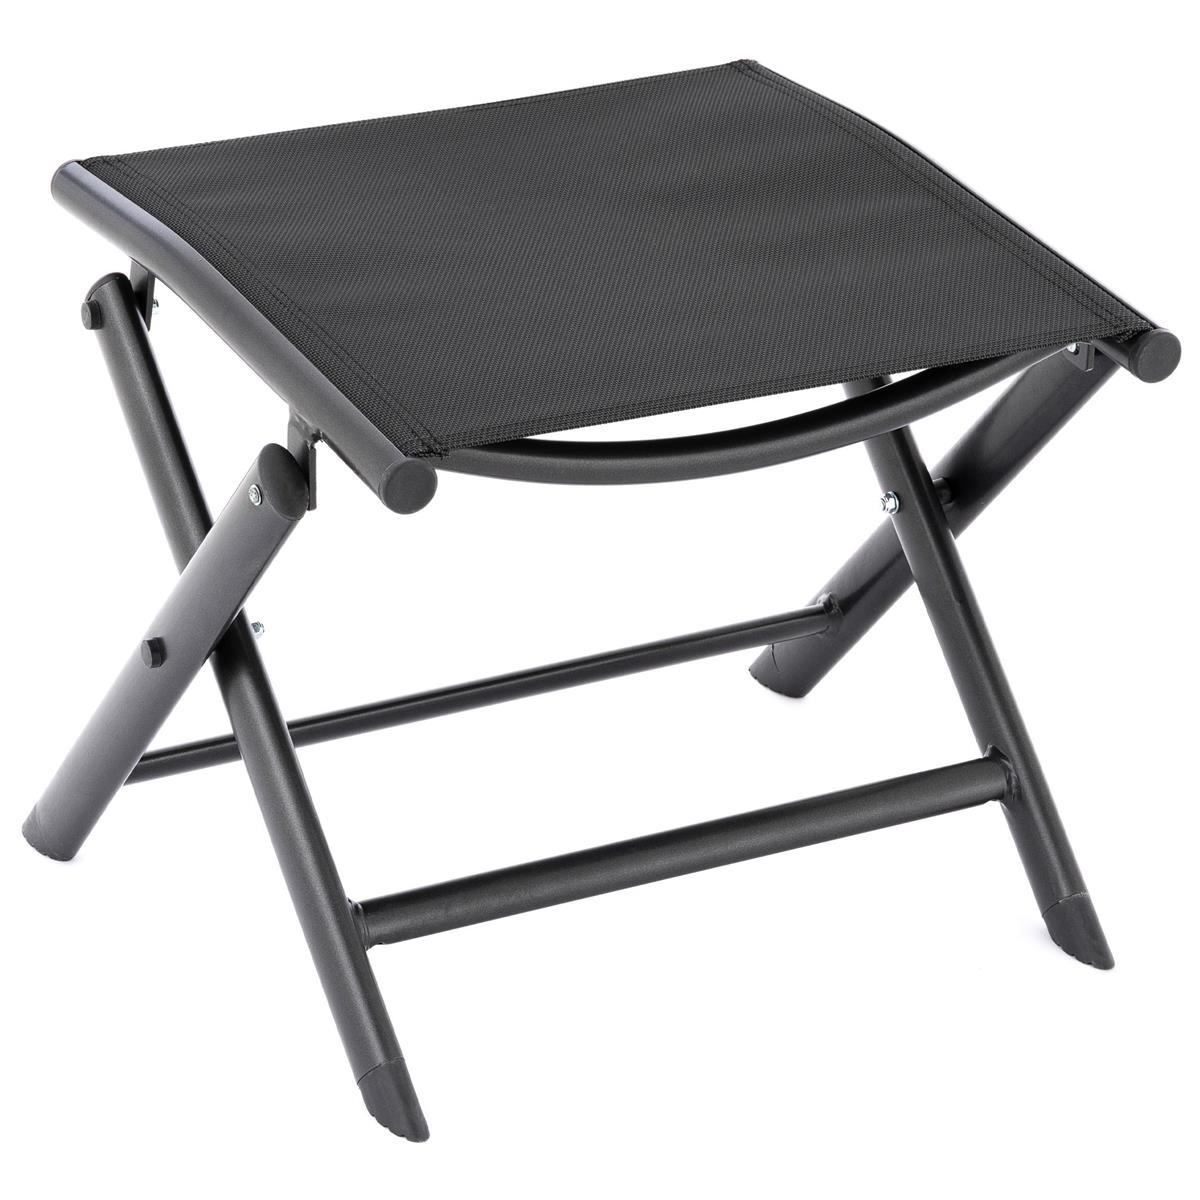 klappbarer Alu Hocker Sitzhocker Rahmen schwarz Textilene schwarz Klapphocker